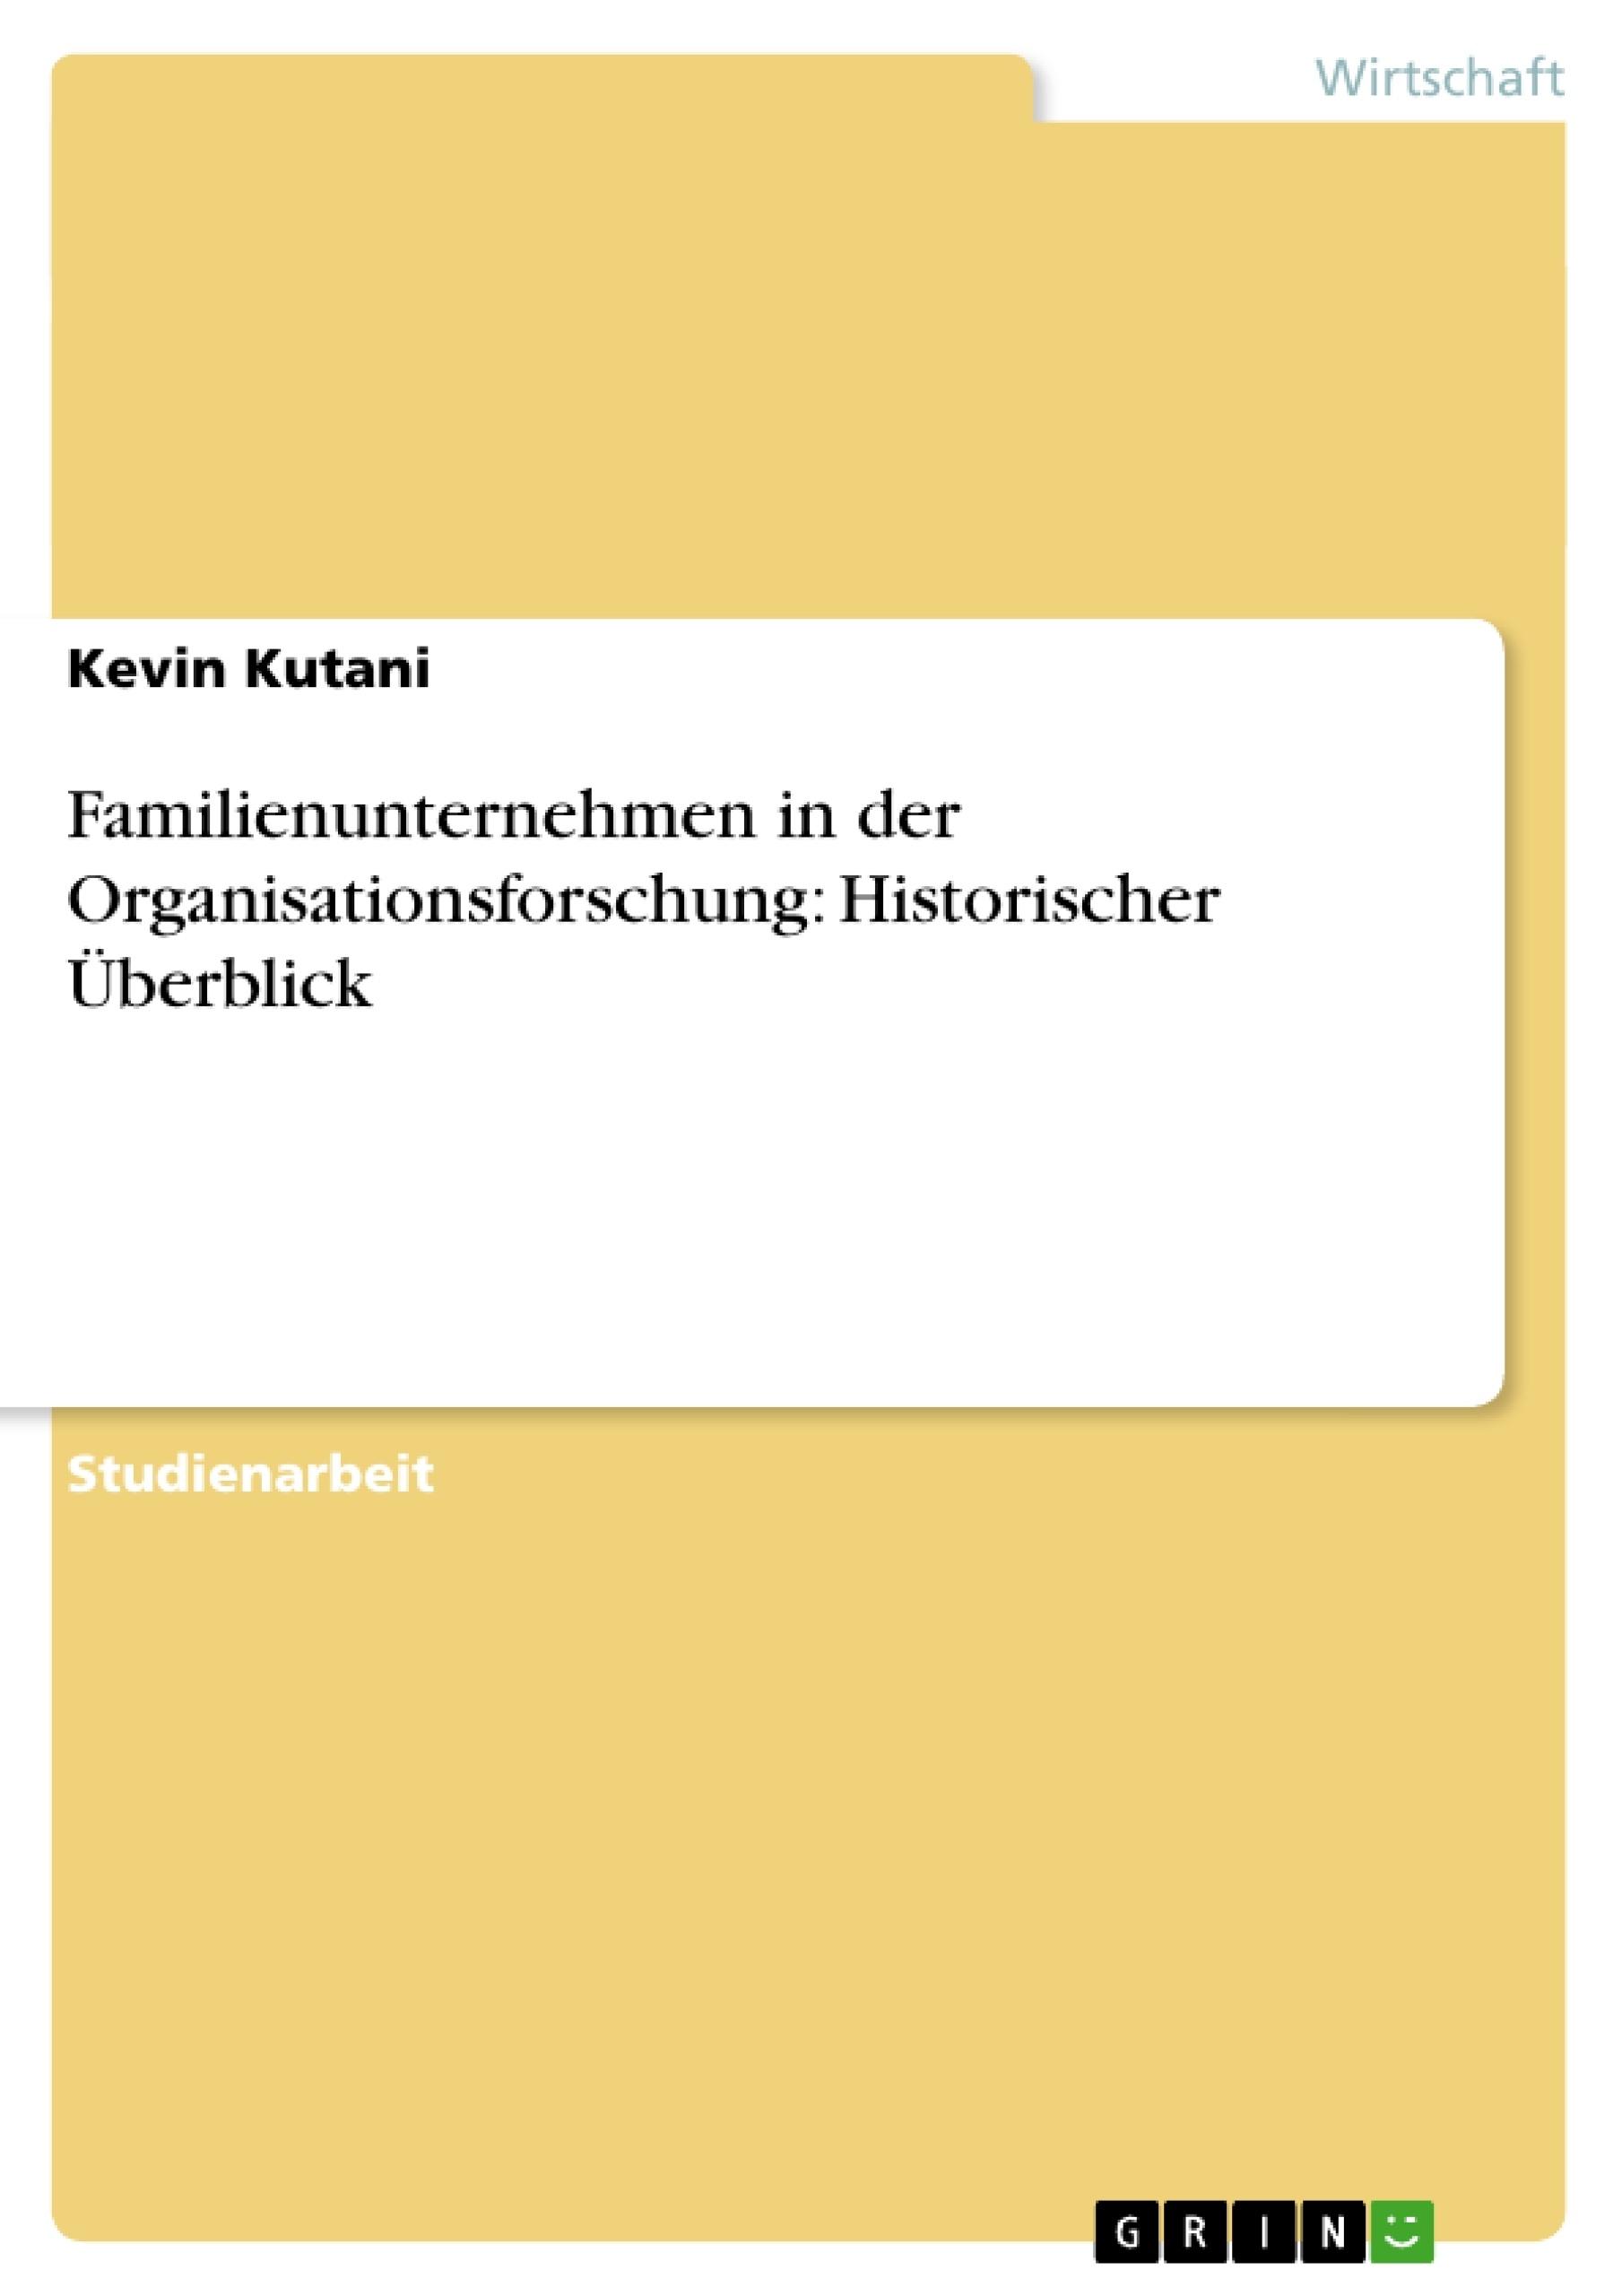 Titel: Familienunternehmen in der Organisationsforschung: Historischer Überblick